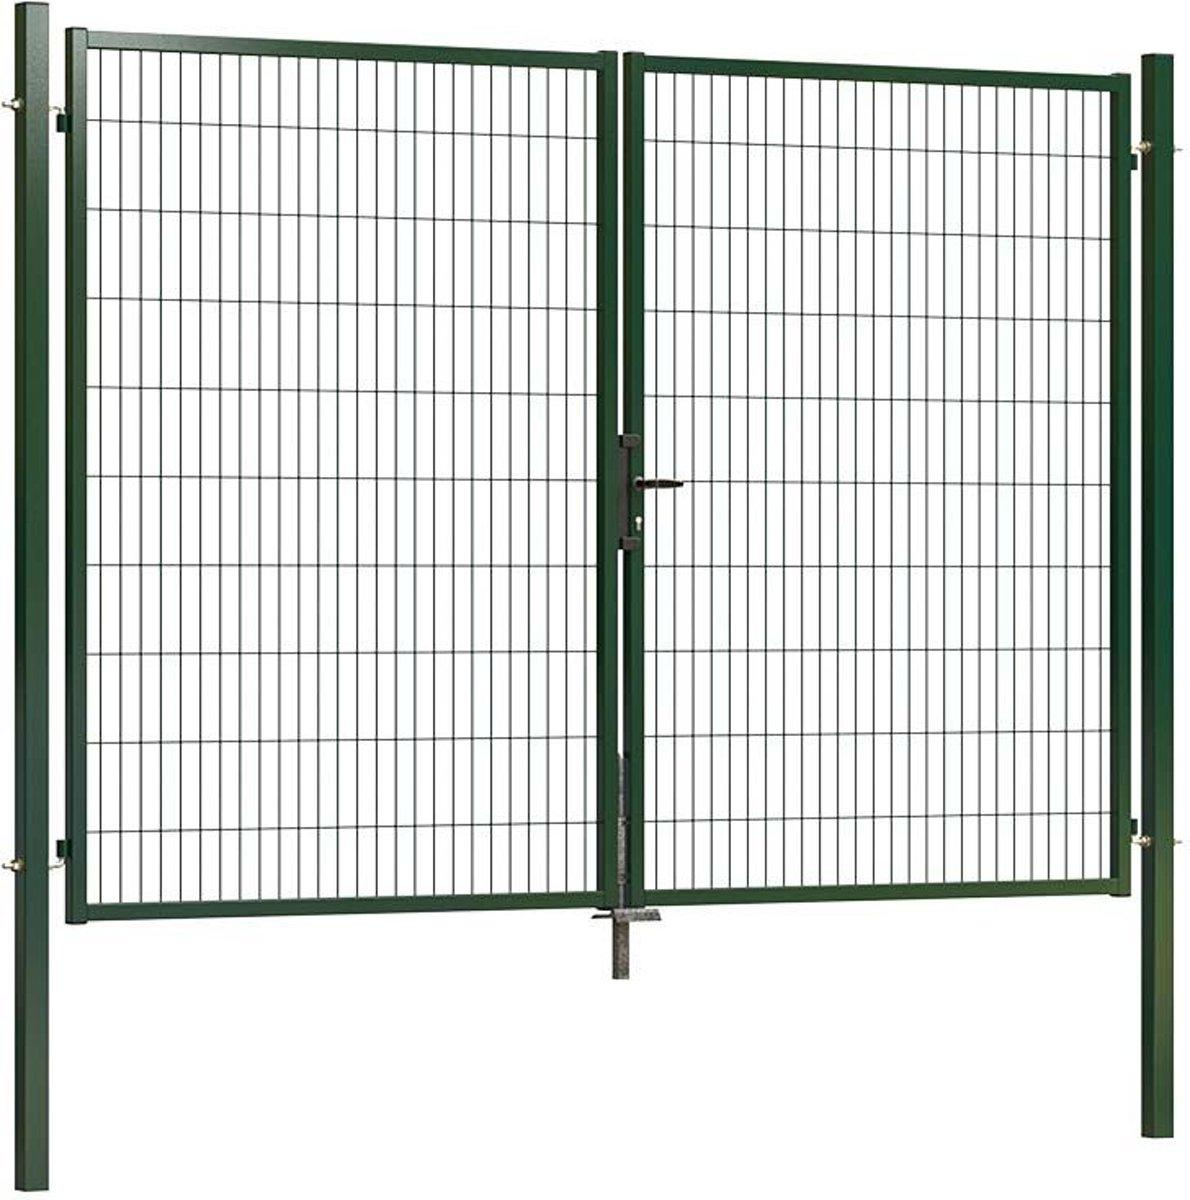 Dubbele tuinpoort ECO 300 x 200 cm (bxh) groen RAL6009 kopen